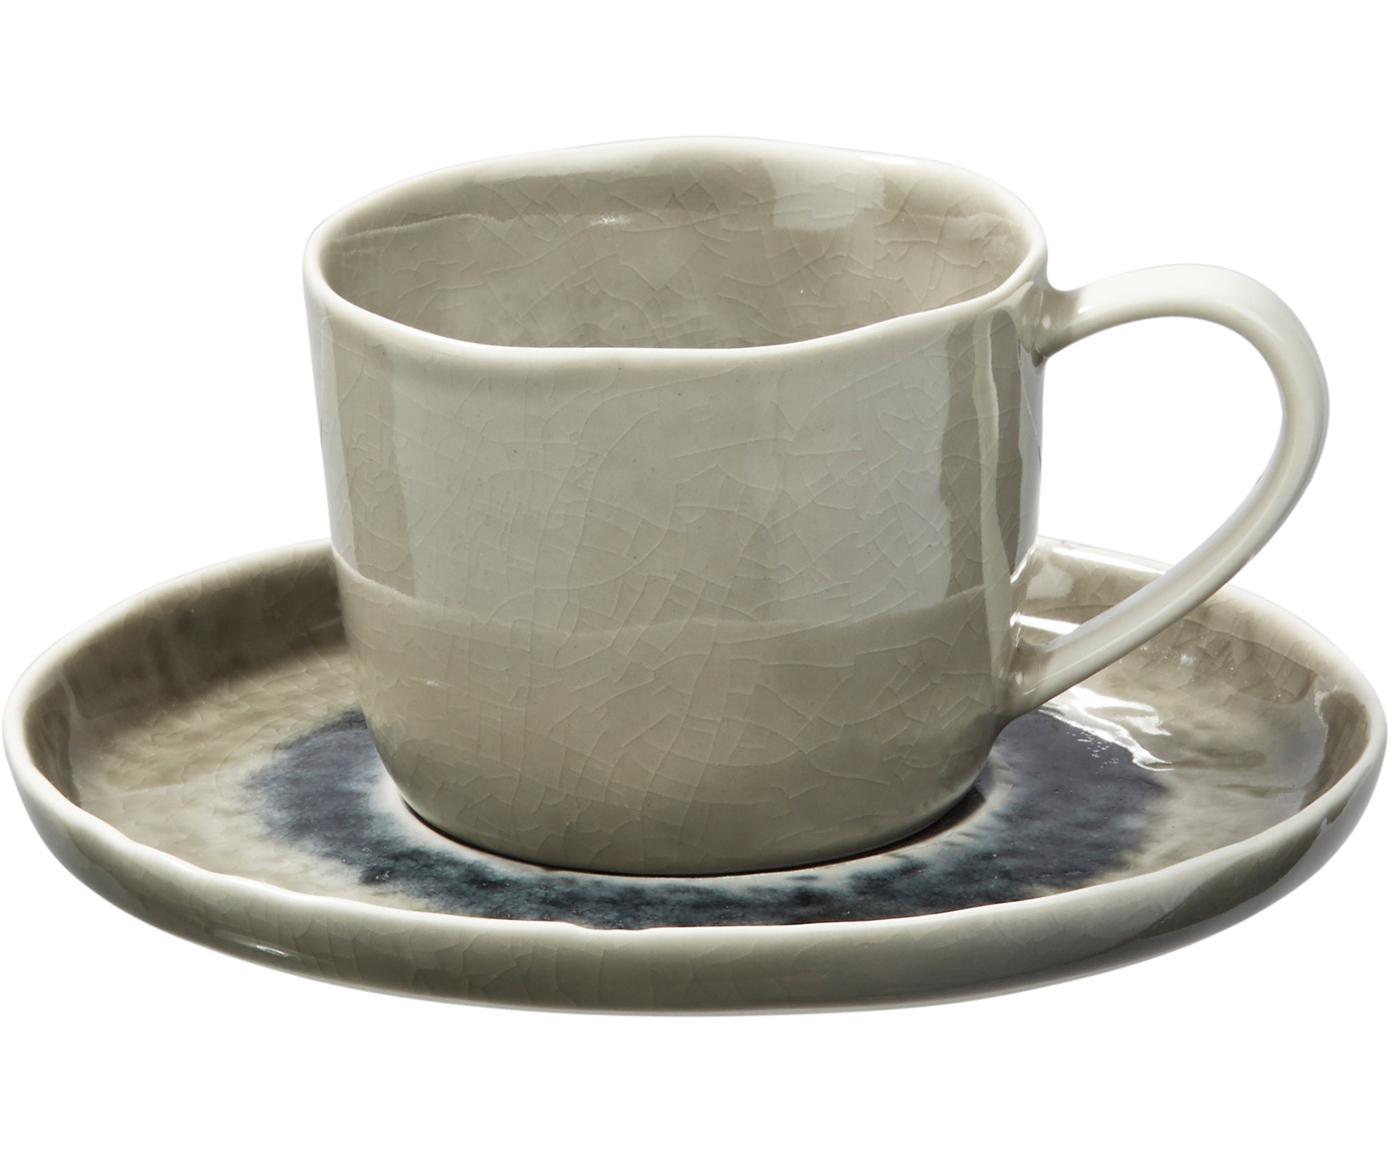 Tasse mit Untertasse Porcelino Sea, 6 Stück, Porzellan, Graugrün, Beige, Dunkelgrau, Ø 15 x H 8 cm